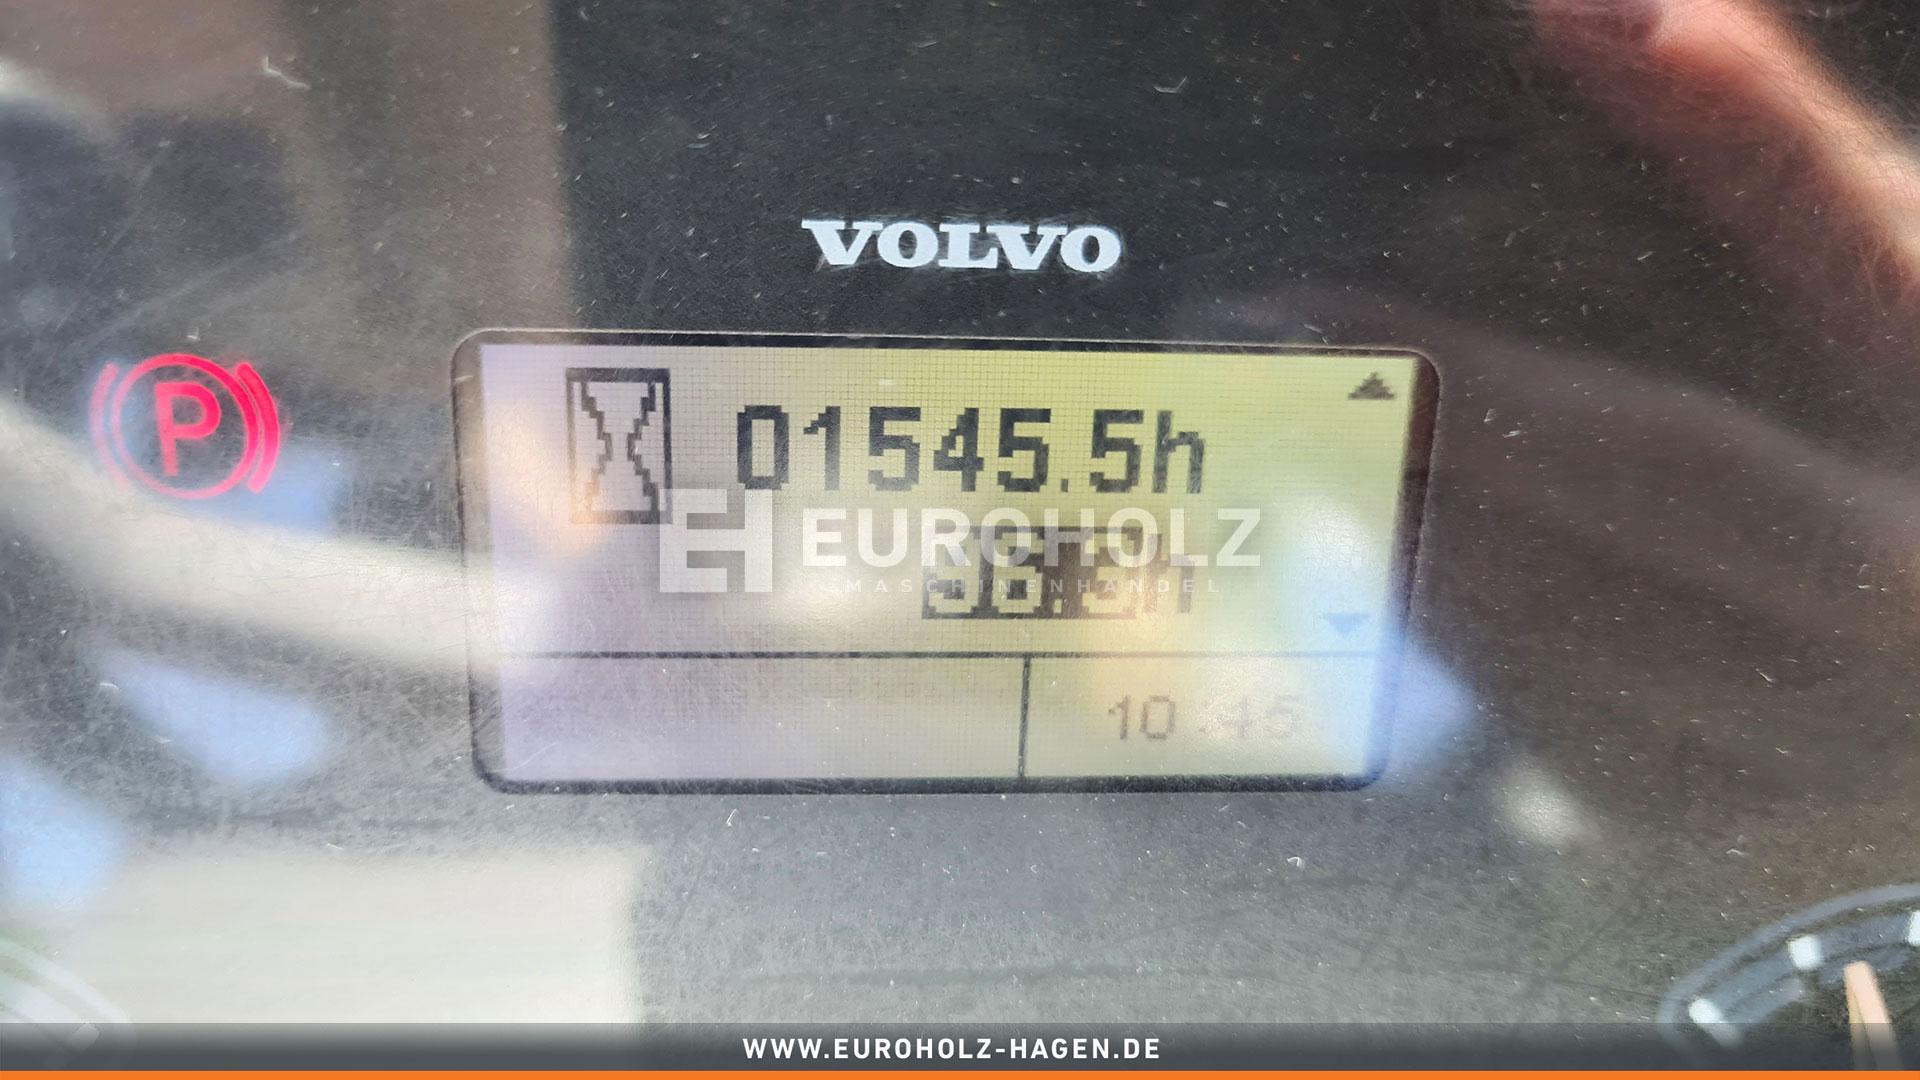 Radlader Volvo L 30 G 4x4 Allrad nur 1545 Bh